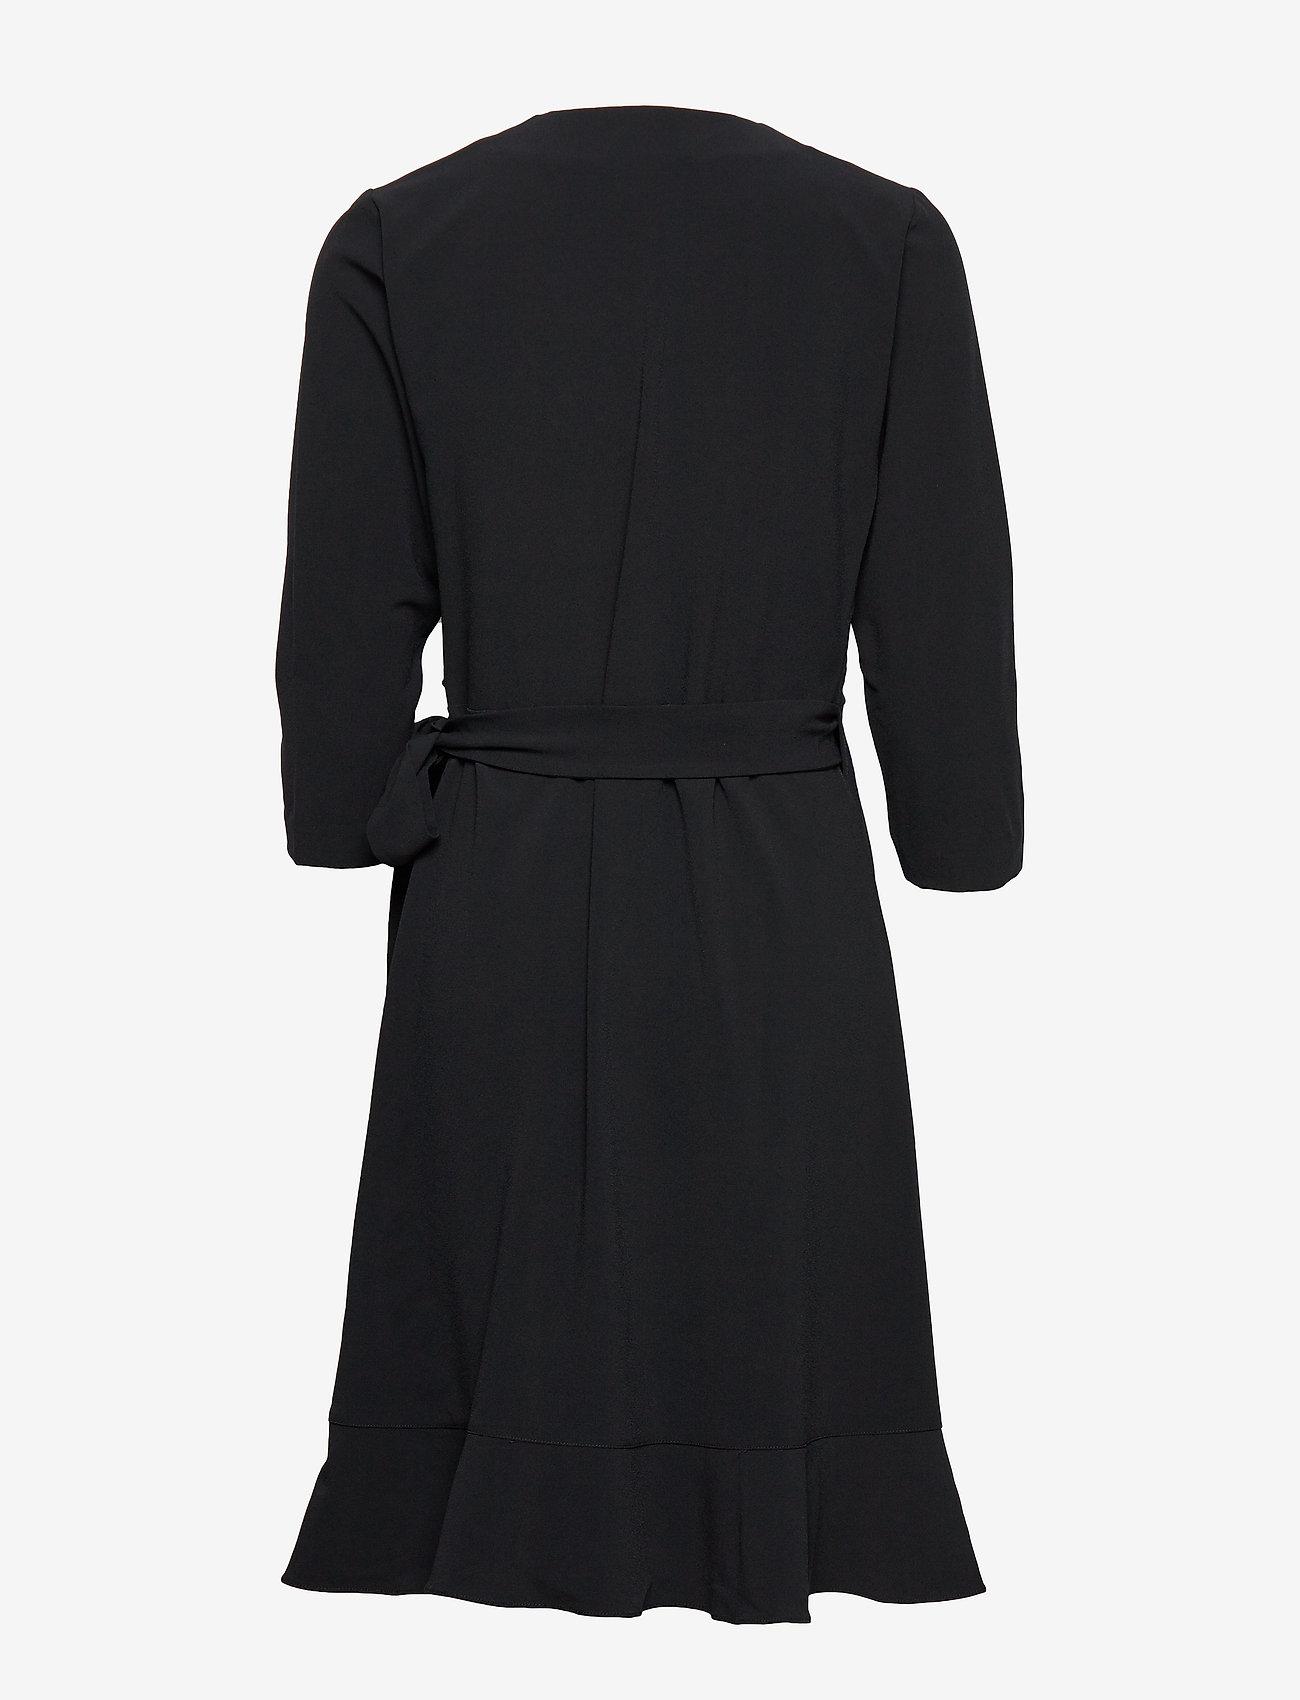 2NDDAY - 2ND Elly - wikkel jurken - black - 1